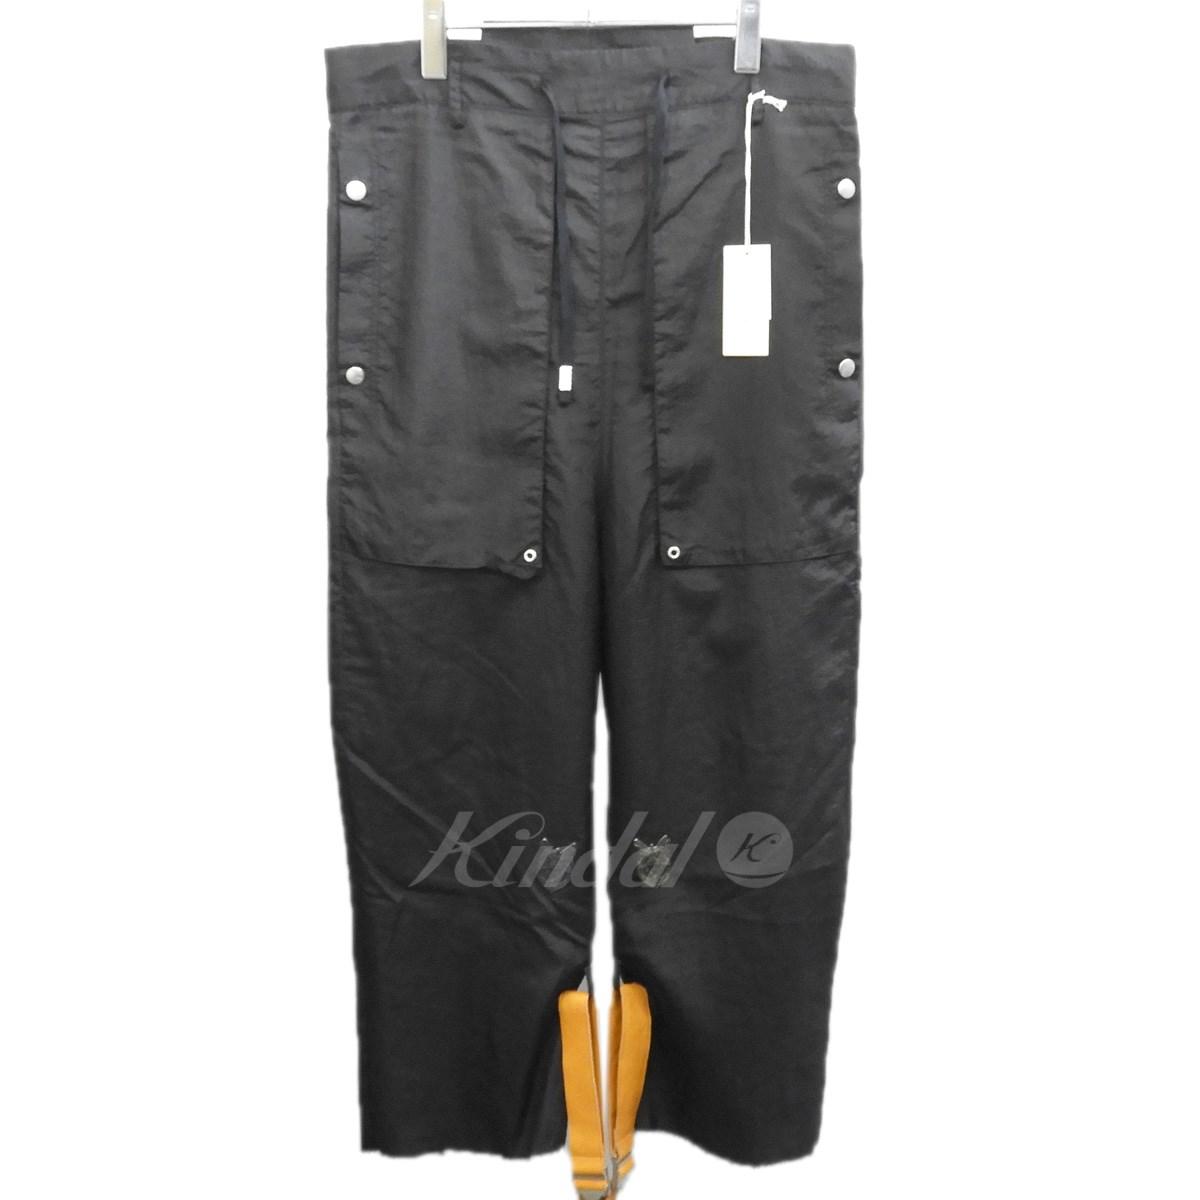 【中古】BED J.W. FORD 2019SS 「Cargo pants ver.3」カーゴパンツ ブラック サイズ:0 【送料無料】 【280219】(ベッドフォード)